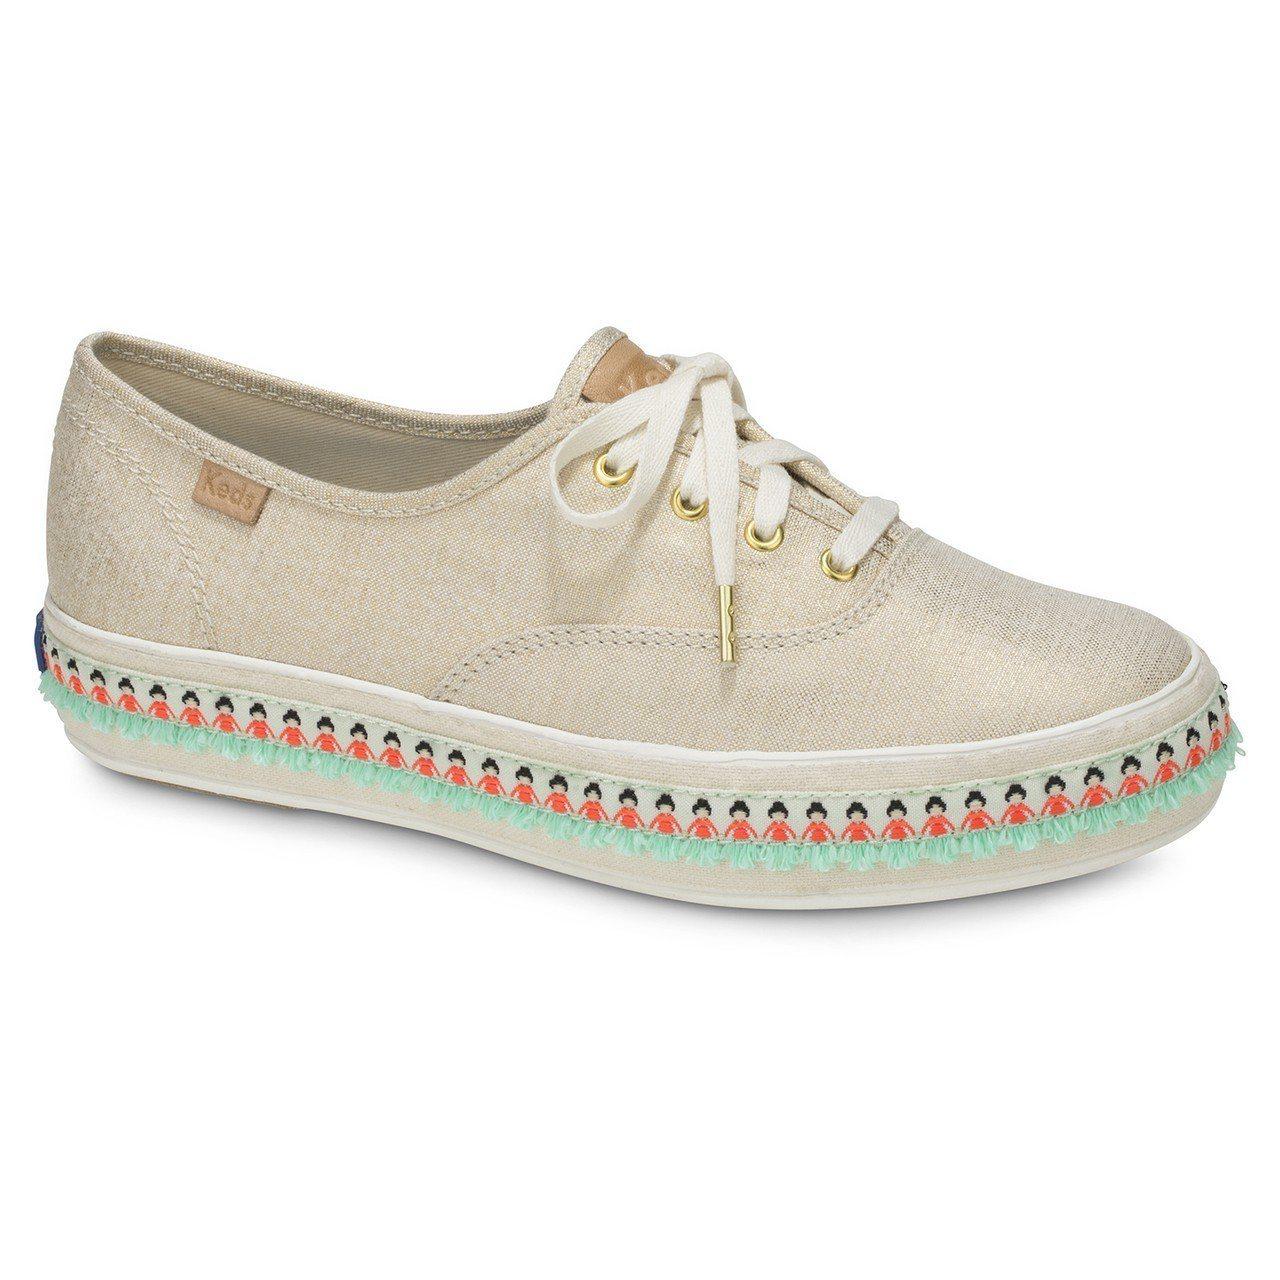 Keds夏日風情系列亞麻布鞋,約2,490元。圖/Keds提供